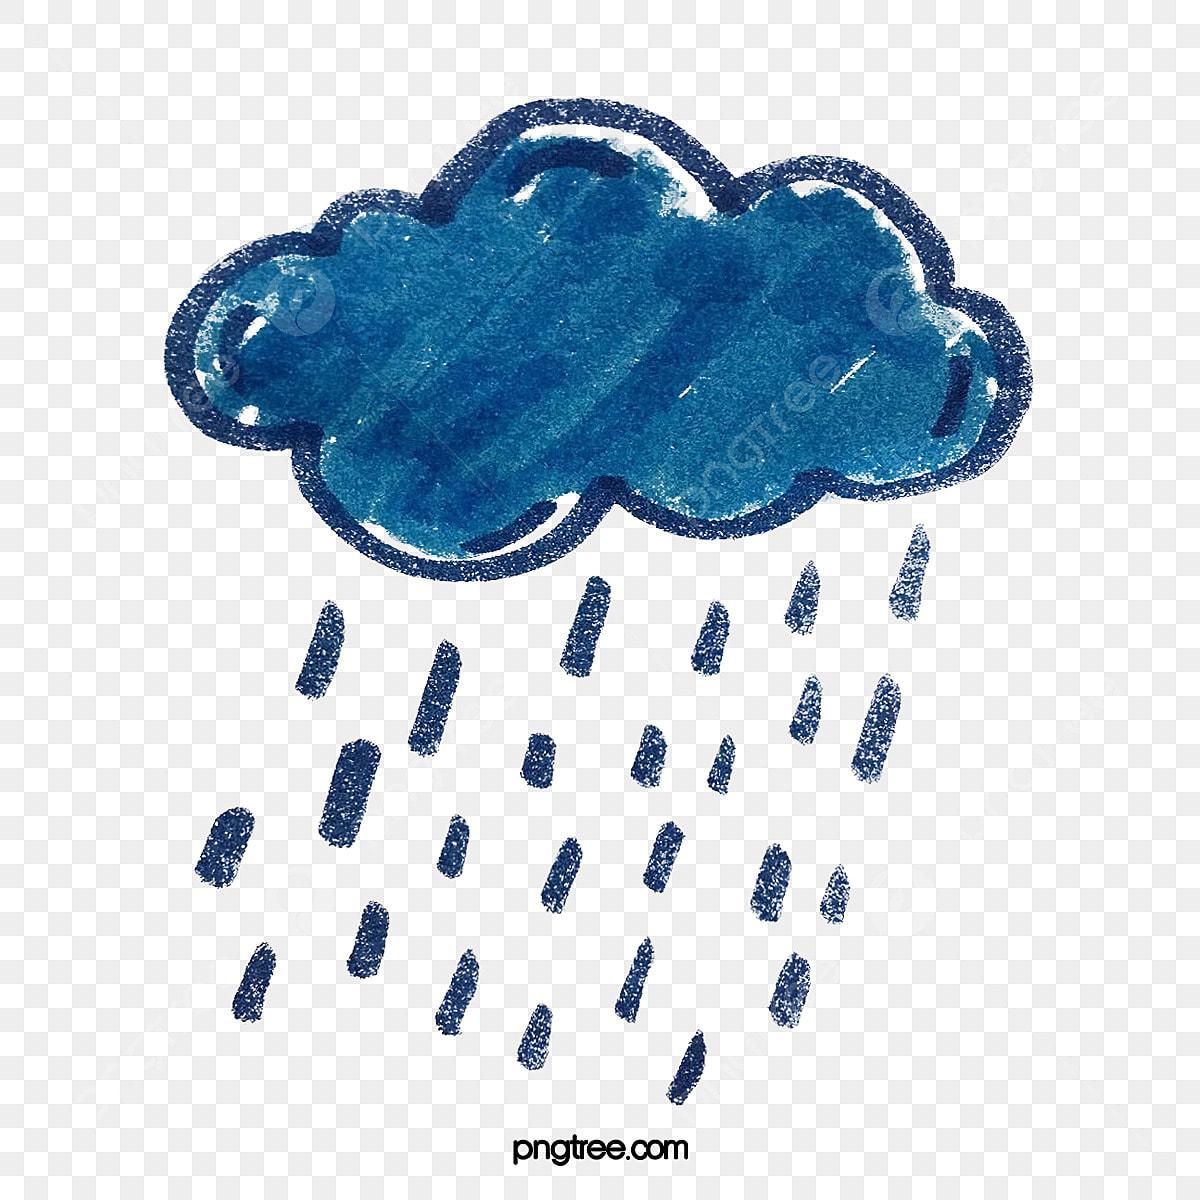 gambar hujan awan mendung hujan hari hujan awan hujan hujan png dan vektor untuk muat turun percuma https ms pngtree com freepng hand drawn rainy cloudy clouds 5060100 html